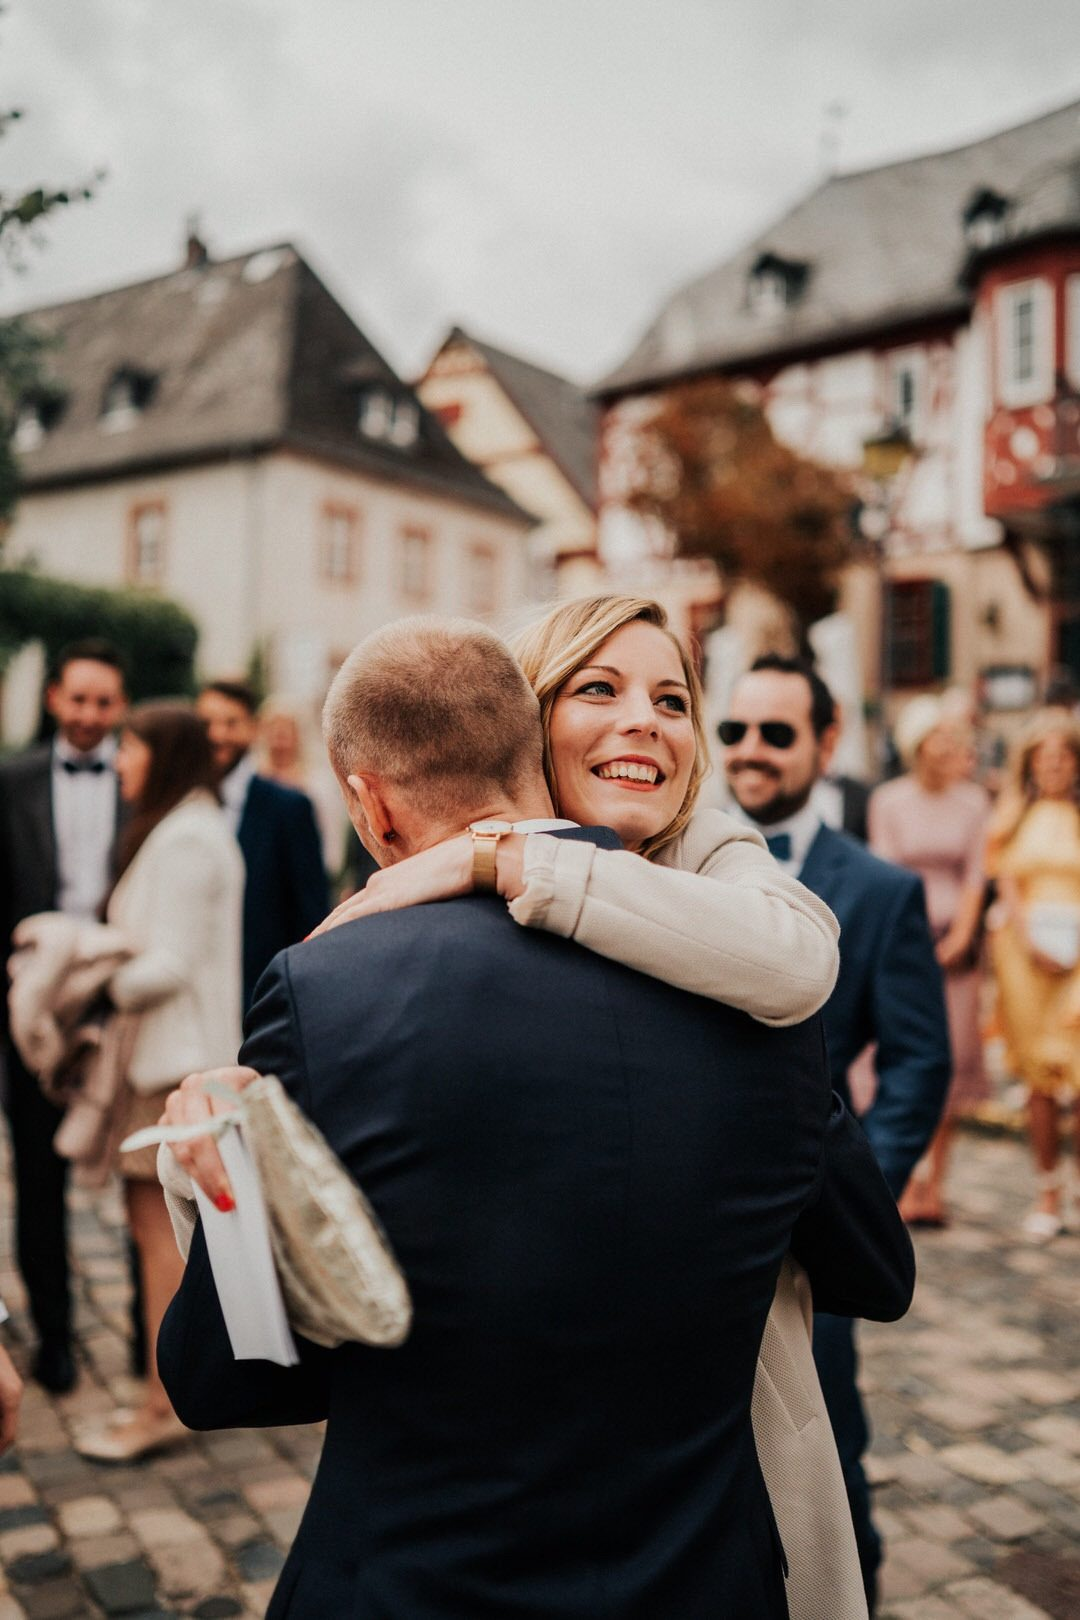 Bohohochzeit in der Vintage-Hochzeitslocation Jagdschloss Platte in der Nähe von Wiesbaden und Mainz